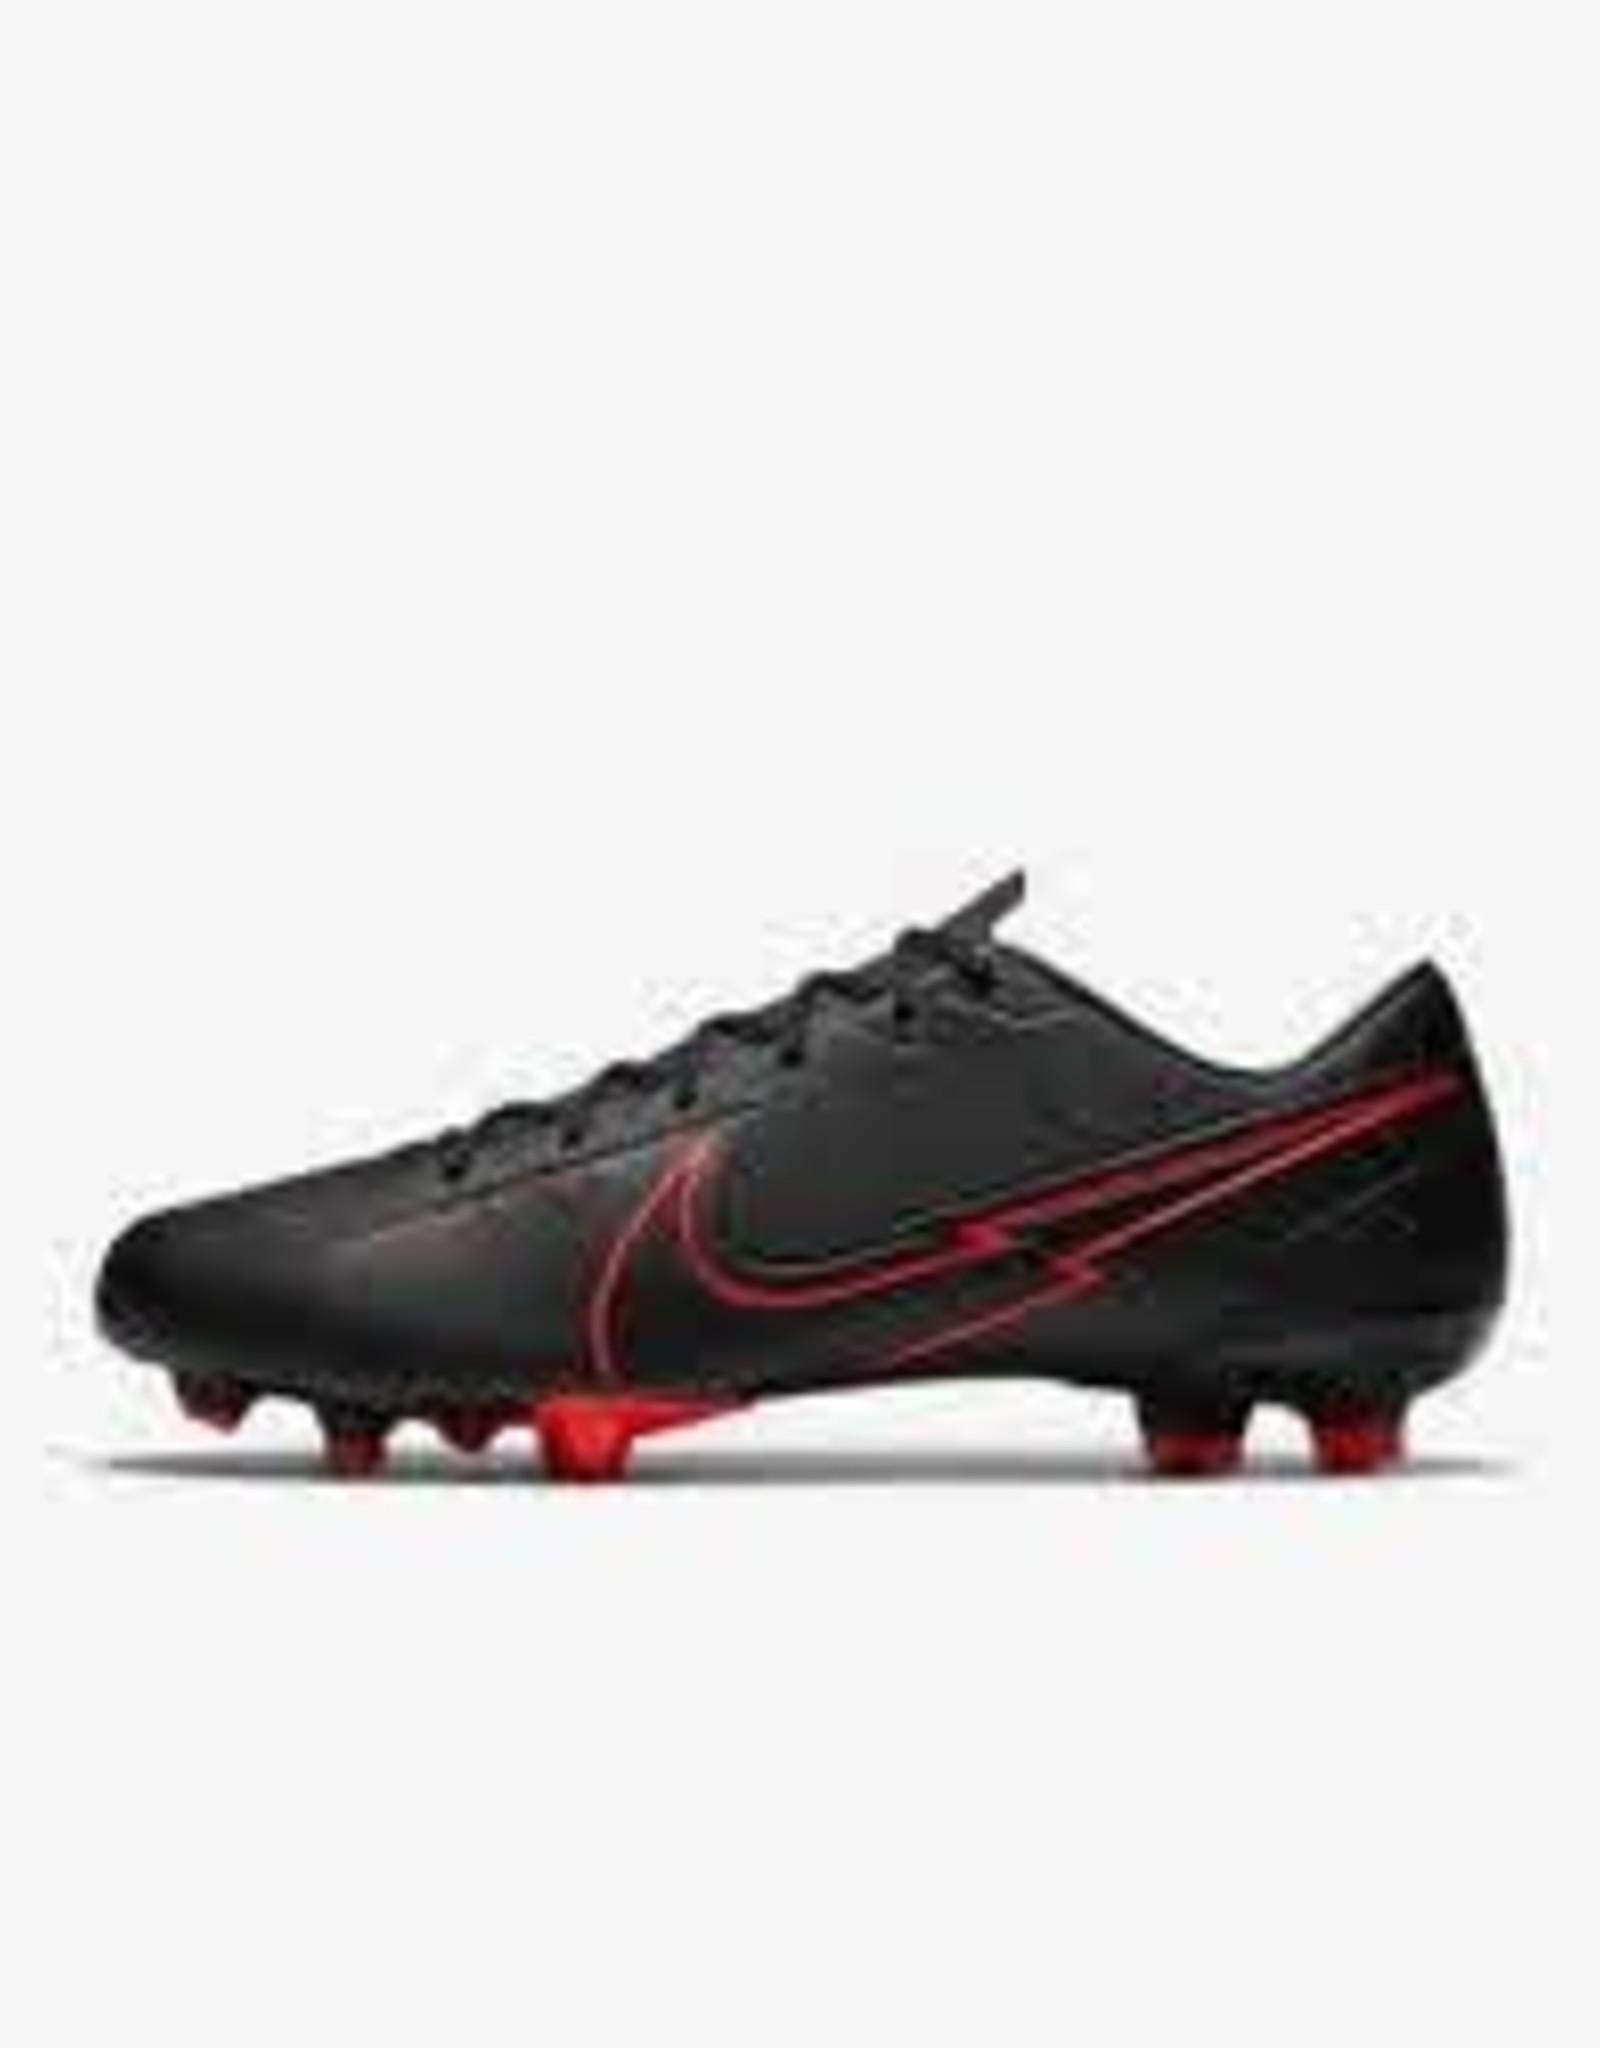 Nike Nike FG/MG Vapor 13 Academy AT5269 060